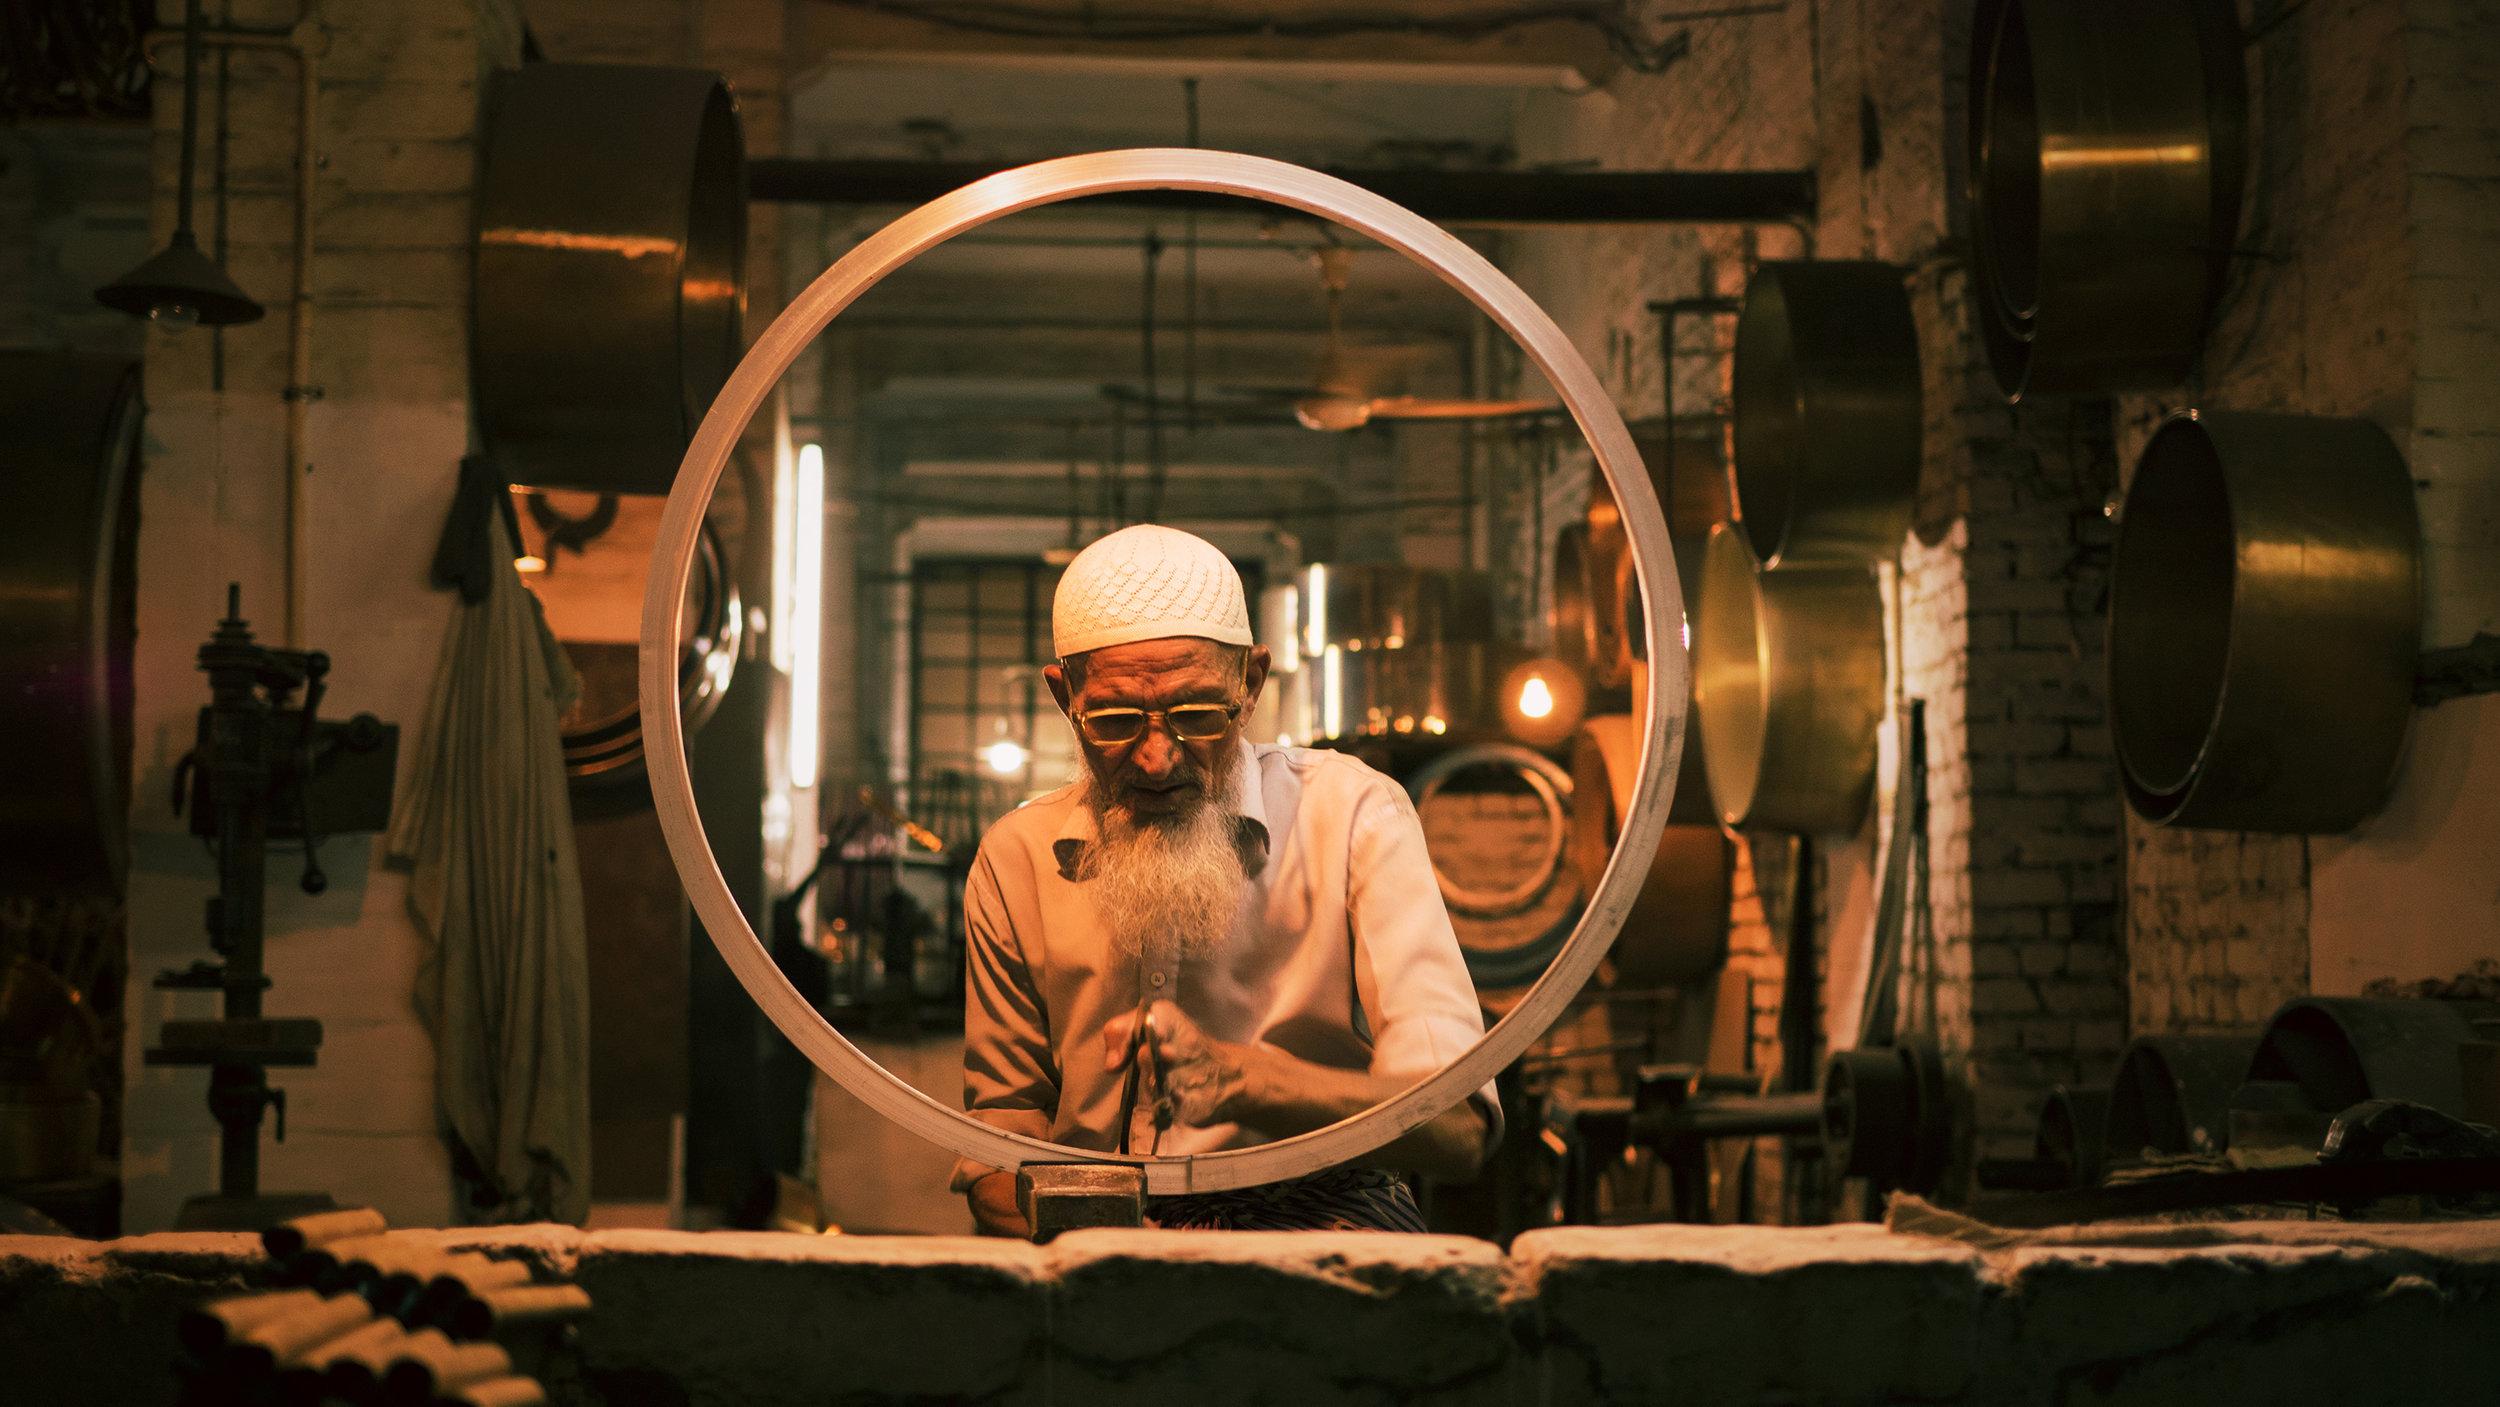 Circular man1.jpg